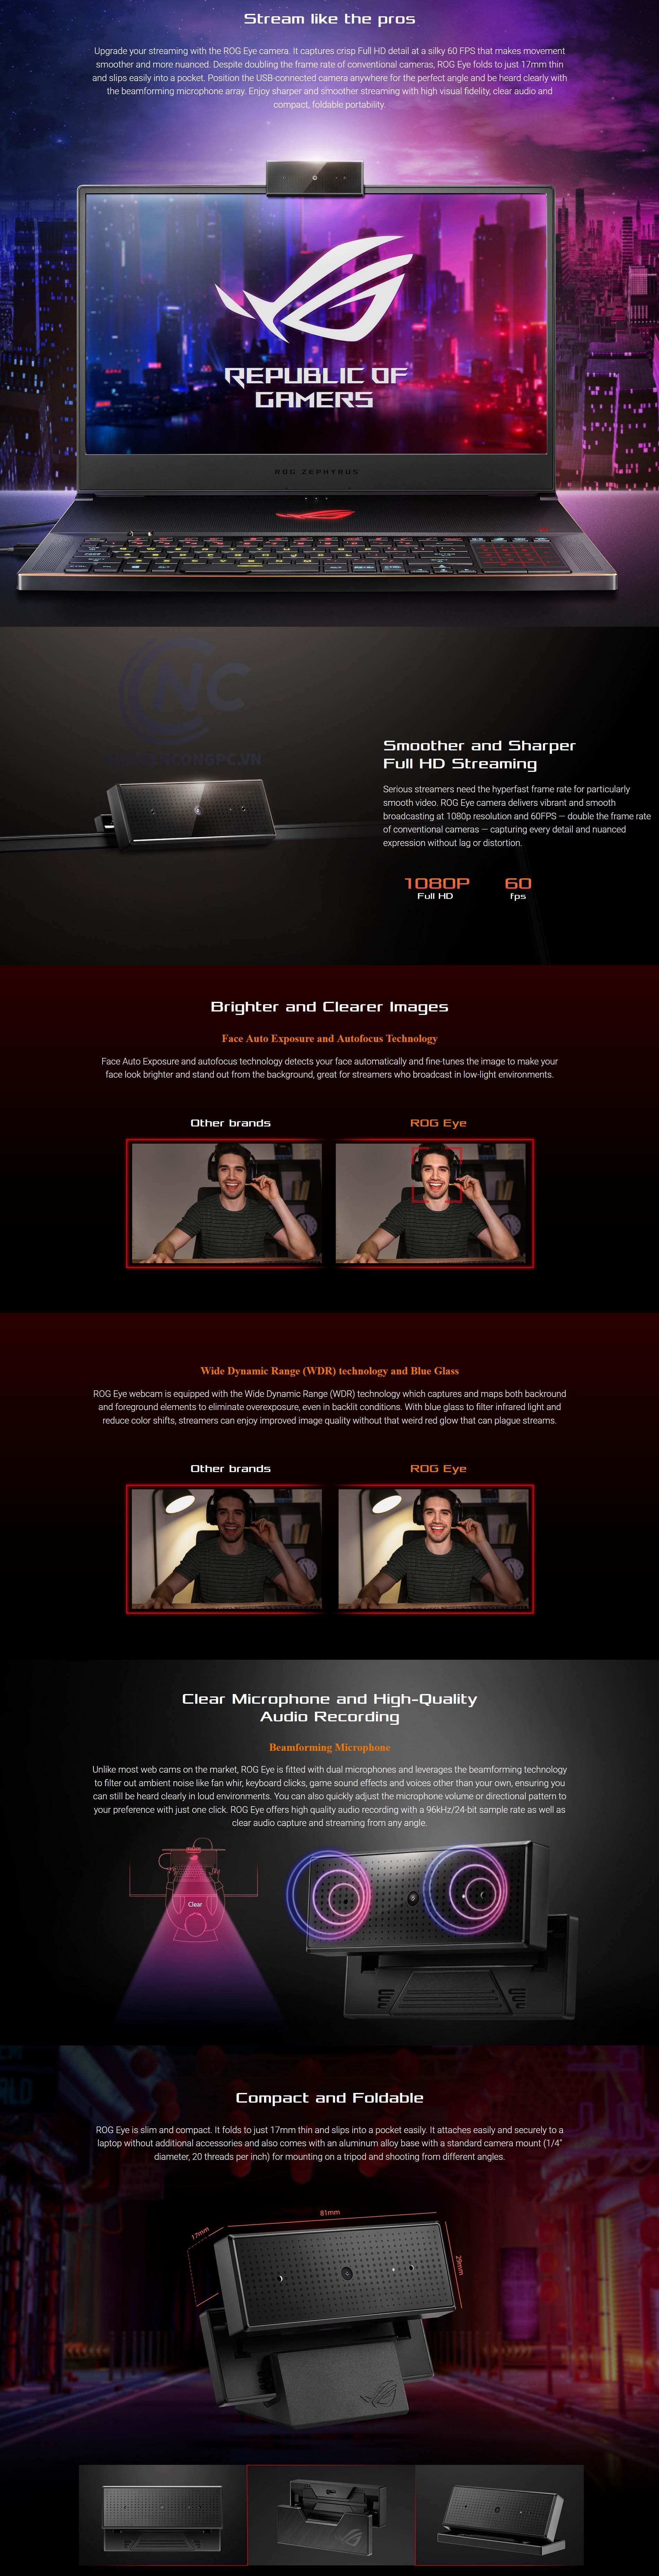 Webcam ASUS ROG Eye 1080p 60fps